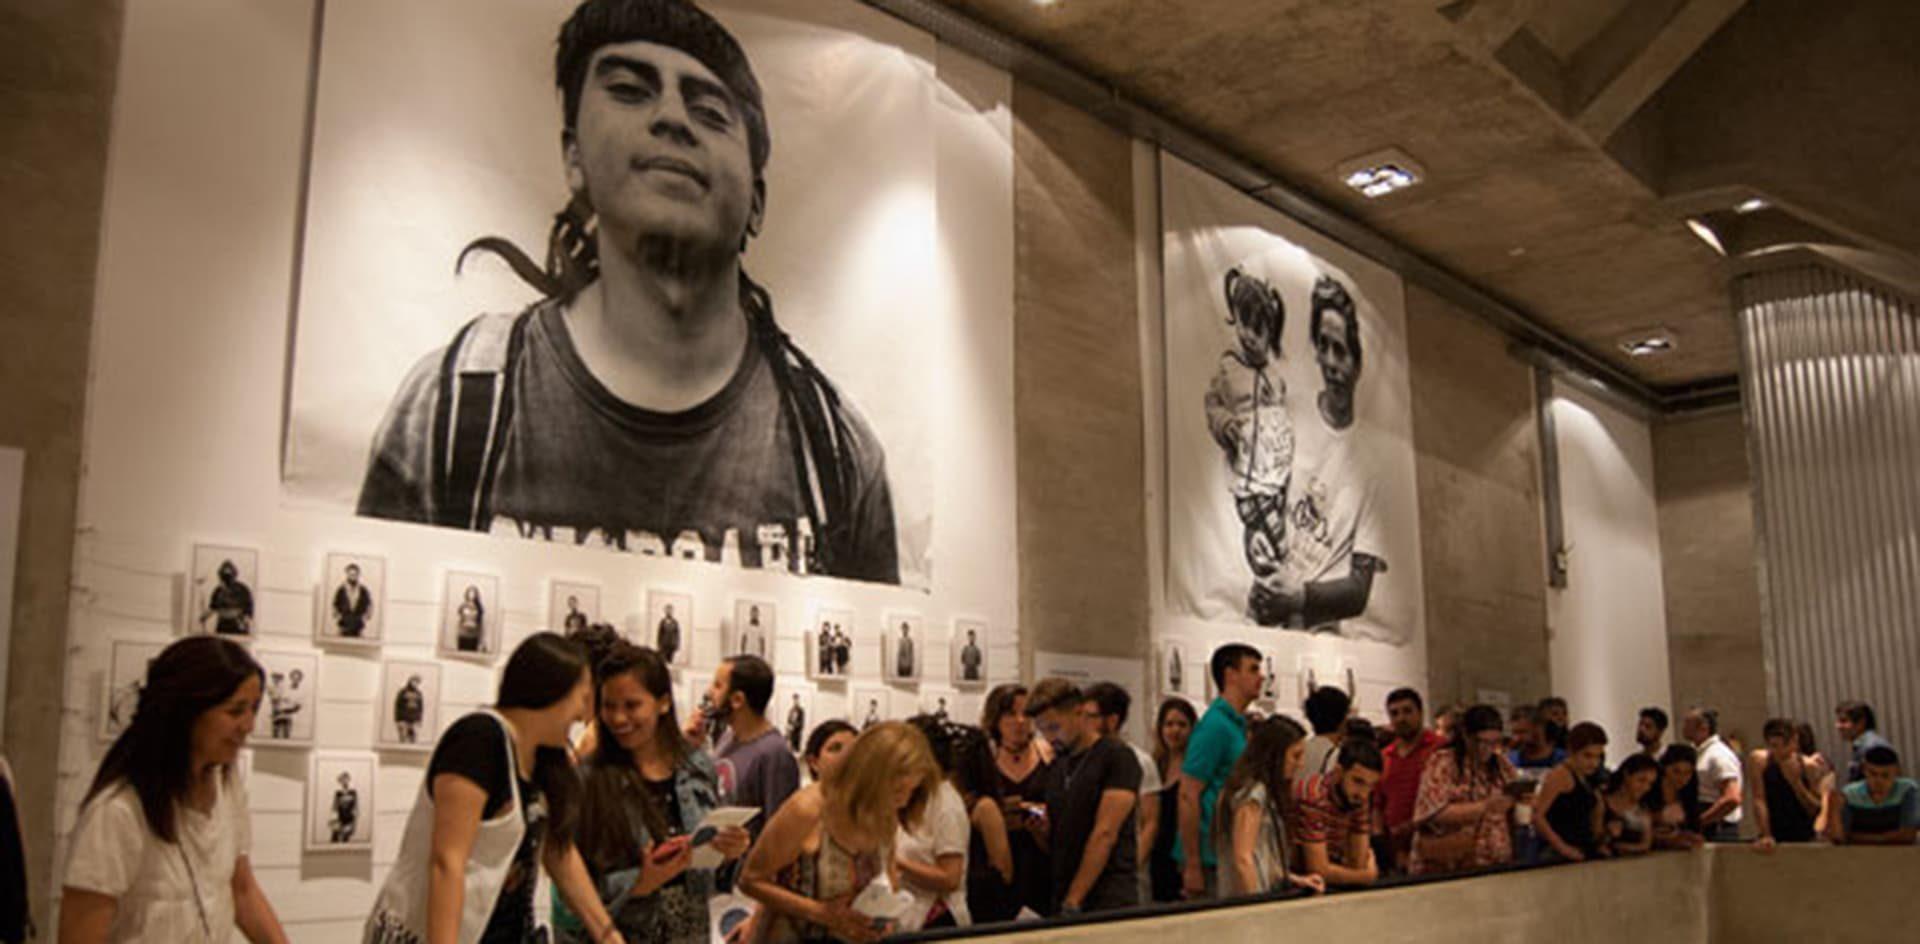 Museos: de templos del saber a lugares de encuentro